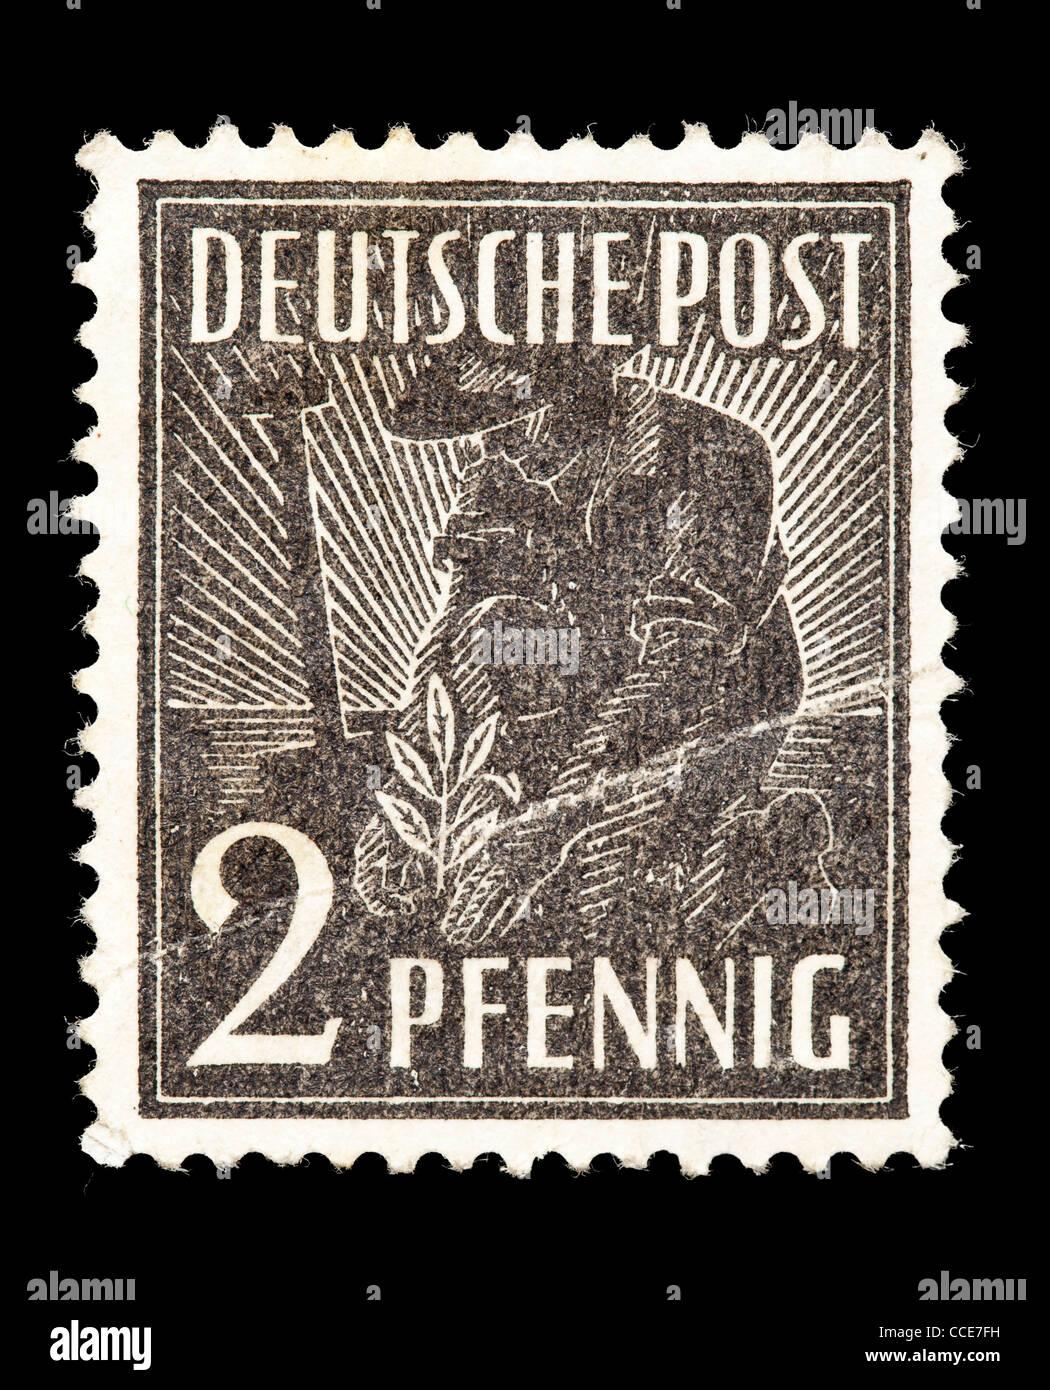 Briefmarke Deutsche Post Pflanzer 2 Pfennig 1947 Mint Zustand